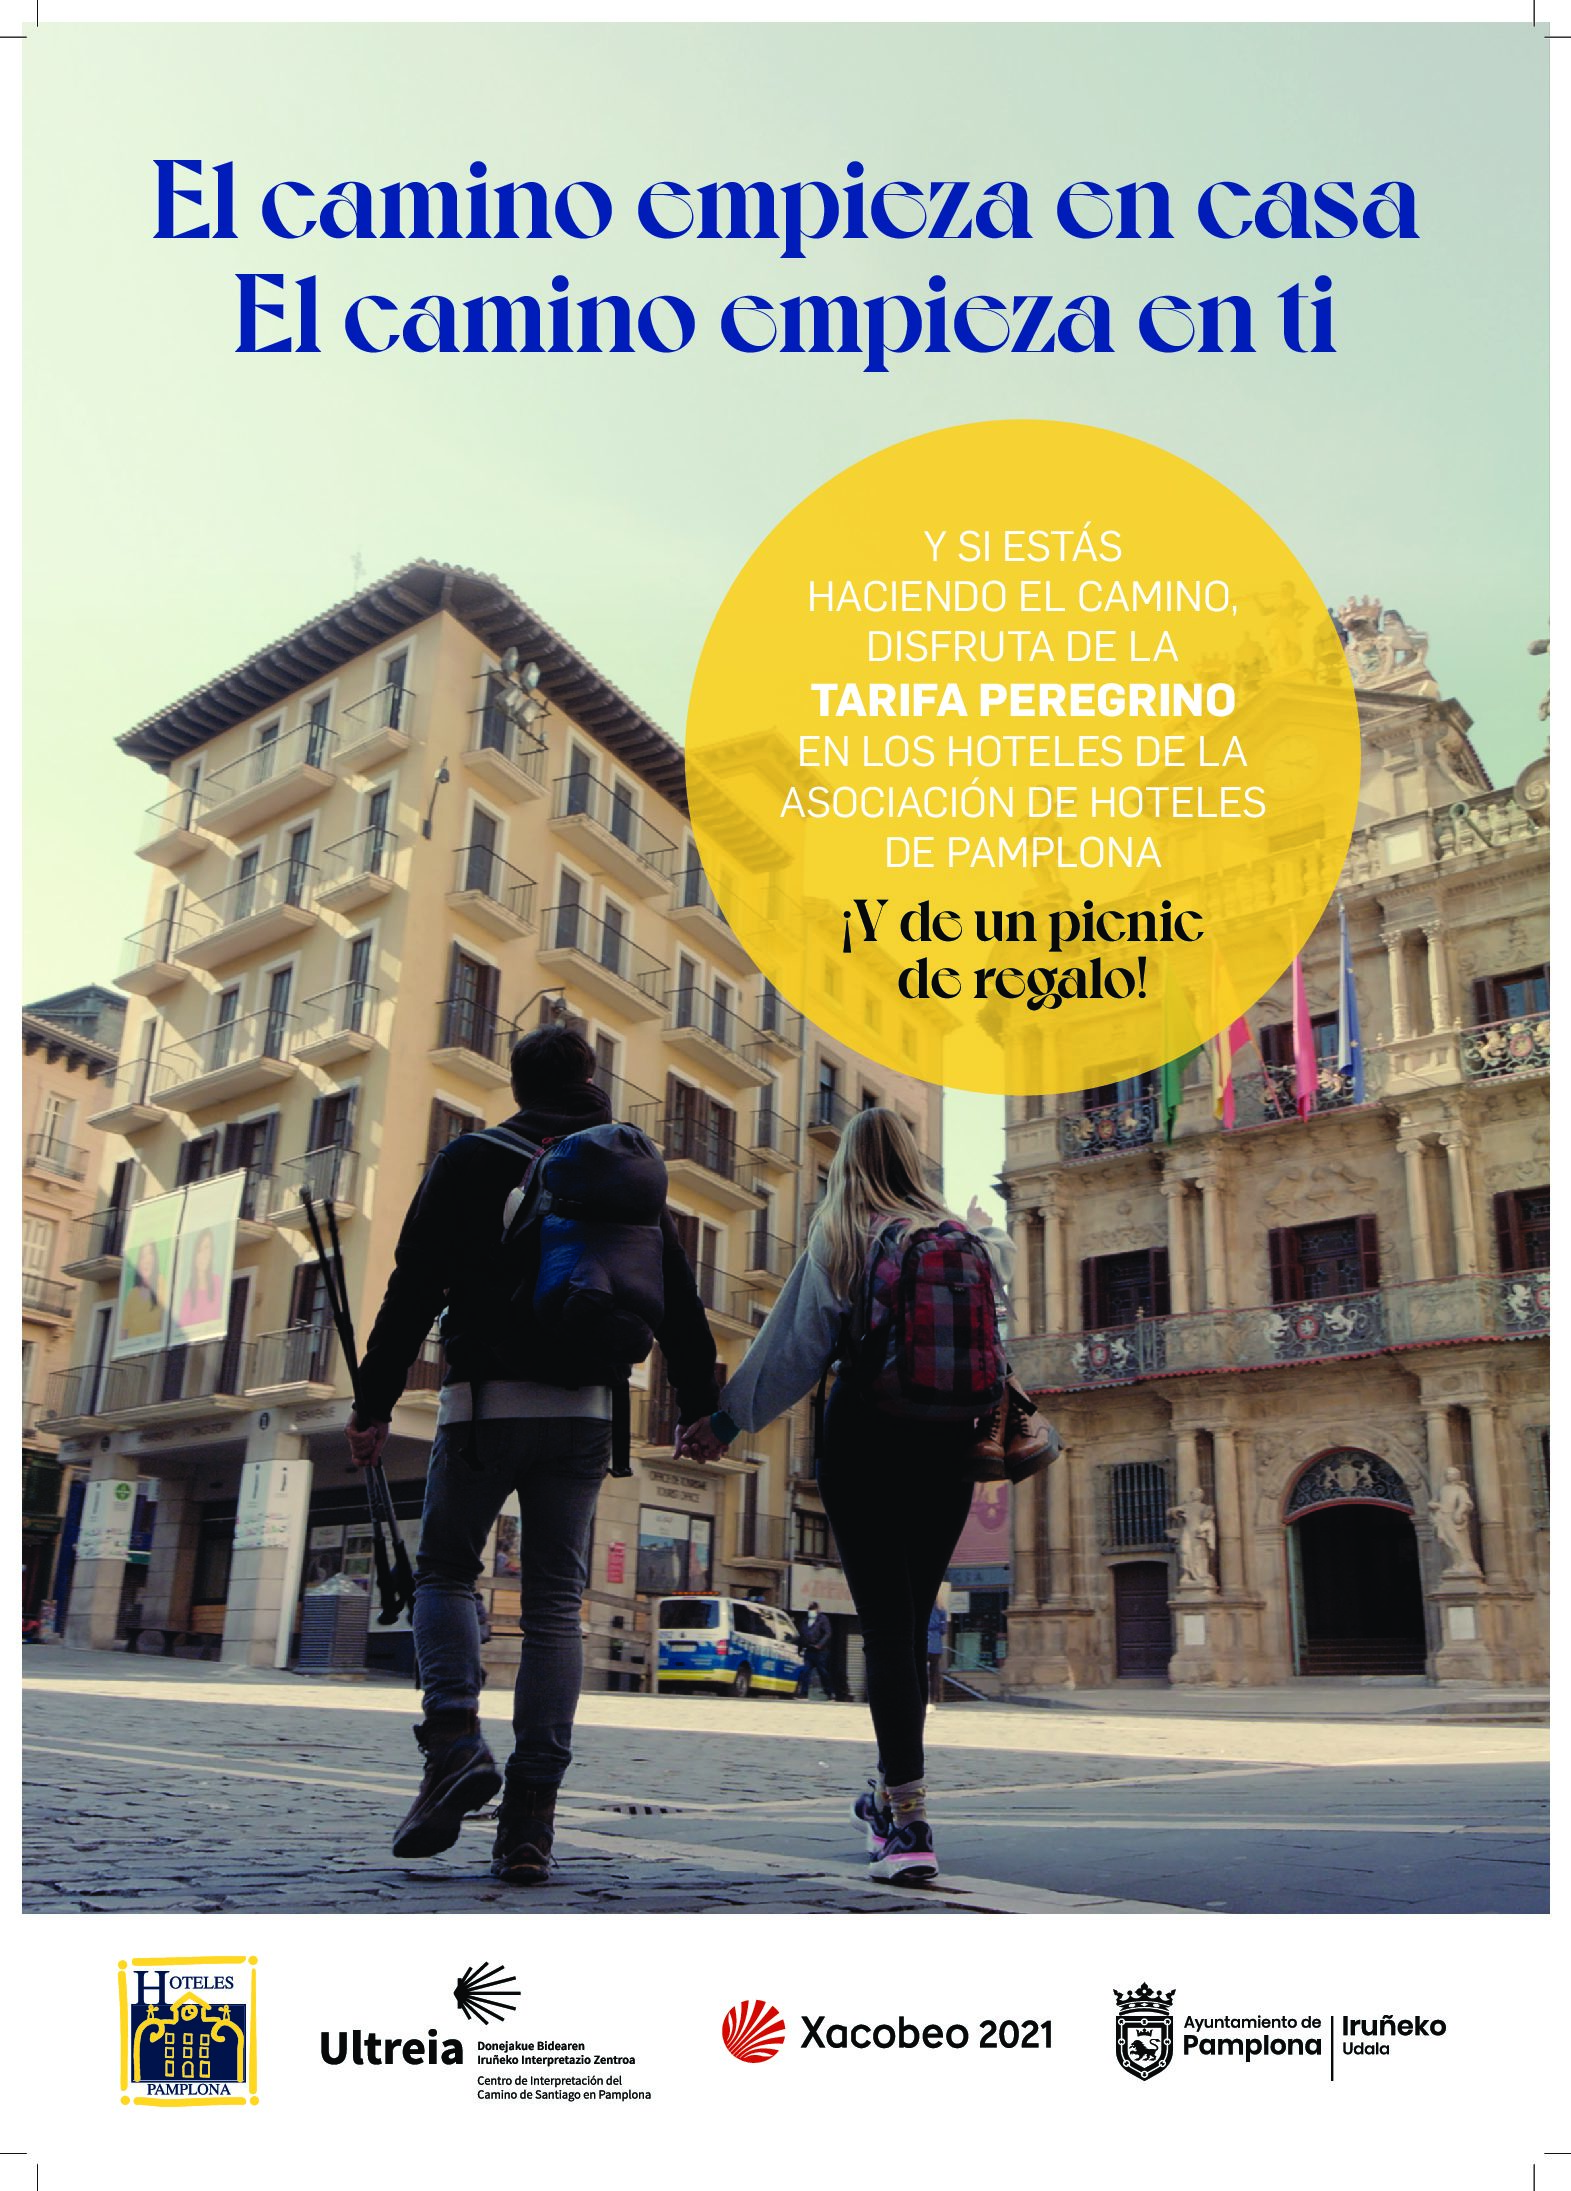 El Ayuntamiento de Pamplona propone celebrar este Año Jacobeo recorriendo el Camino de Santiago a su paso por la ciudad